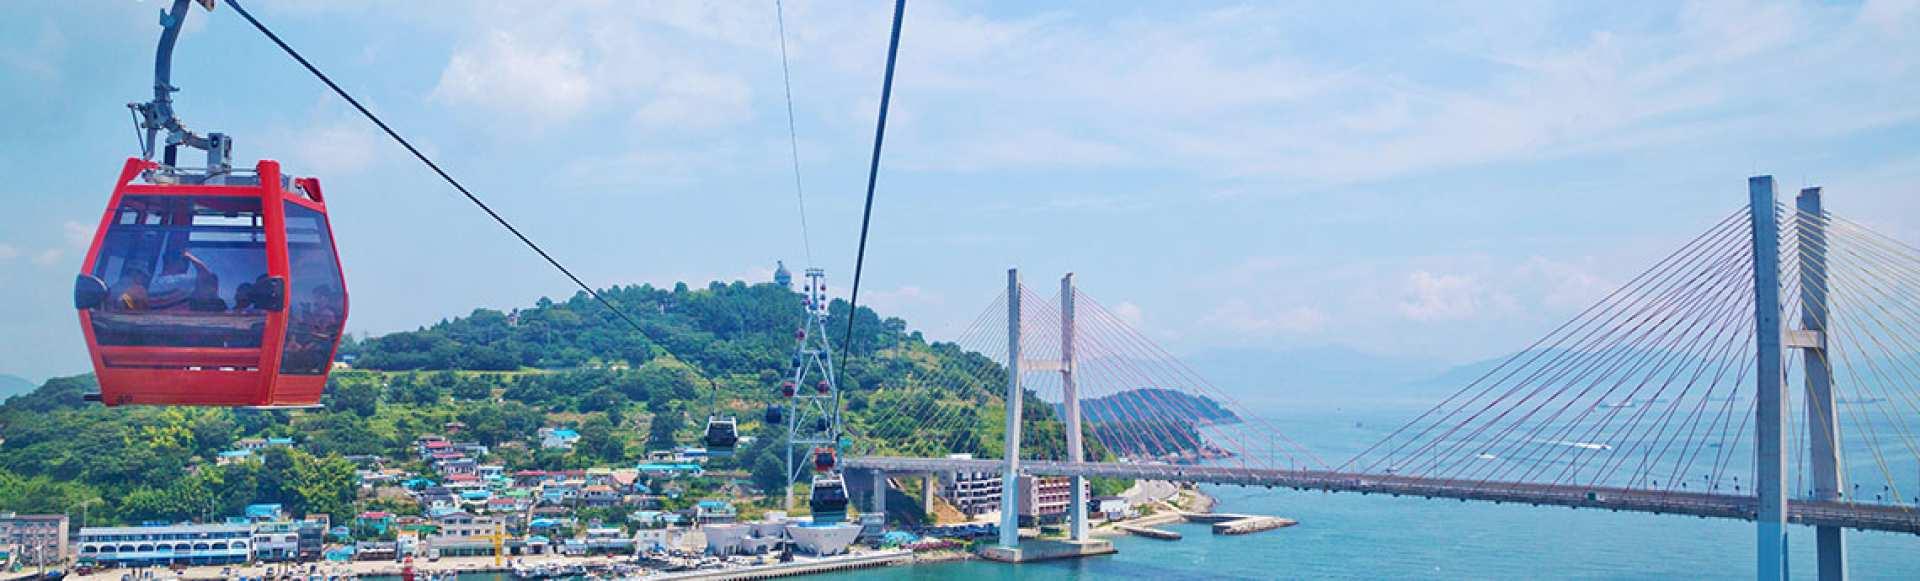 【釜山出發】 向日庵、麗水海上纜車、麗水海洋鐵路自行車一日遊